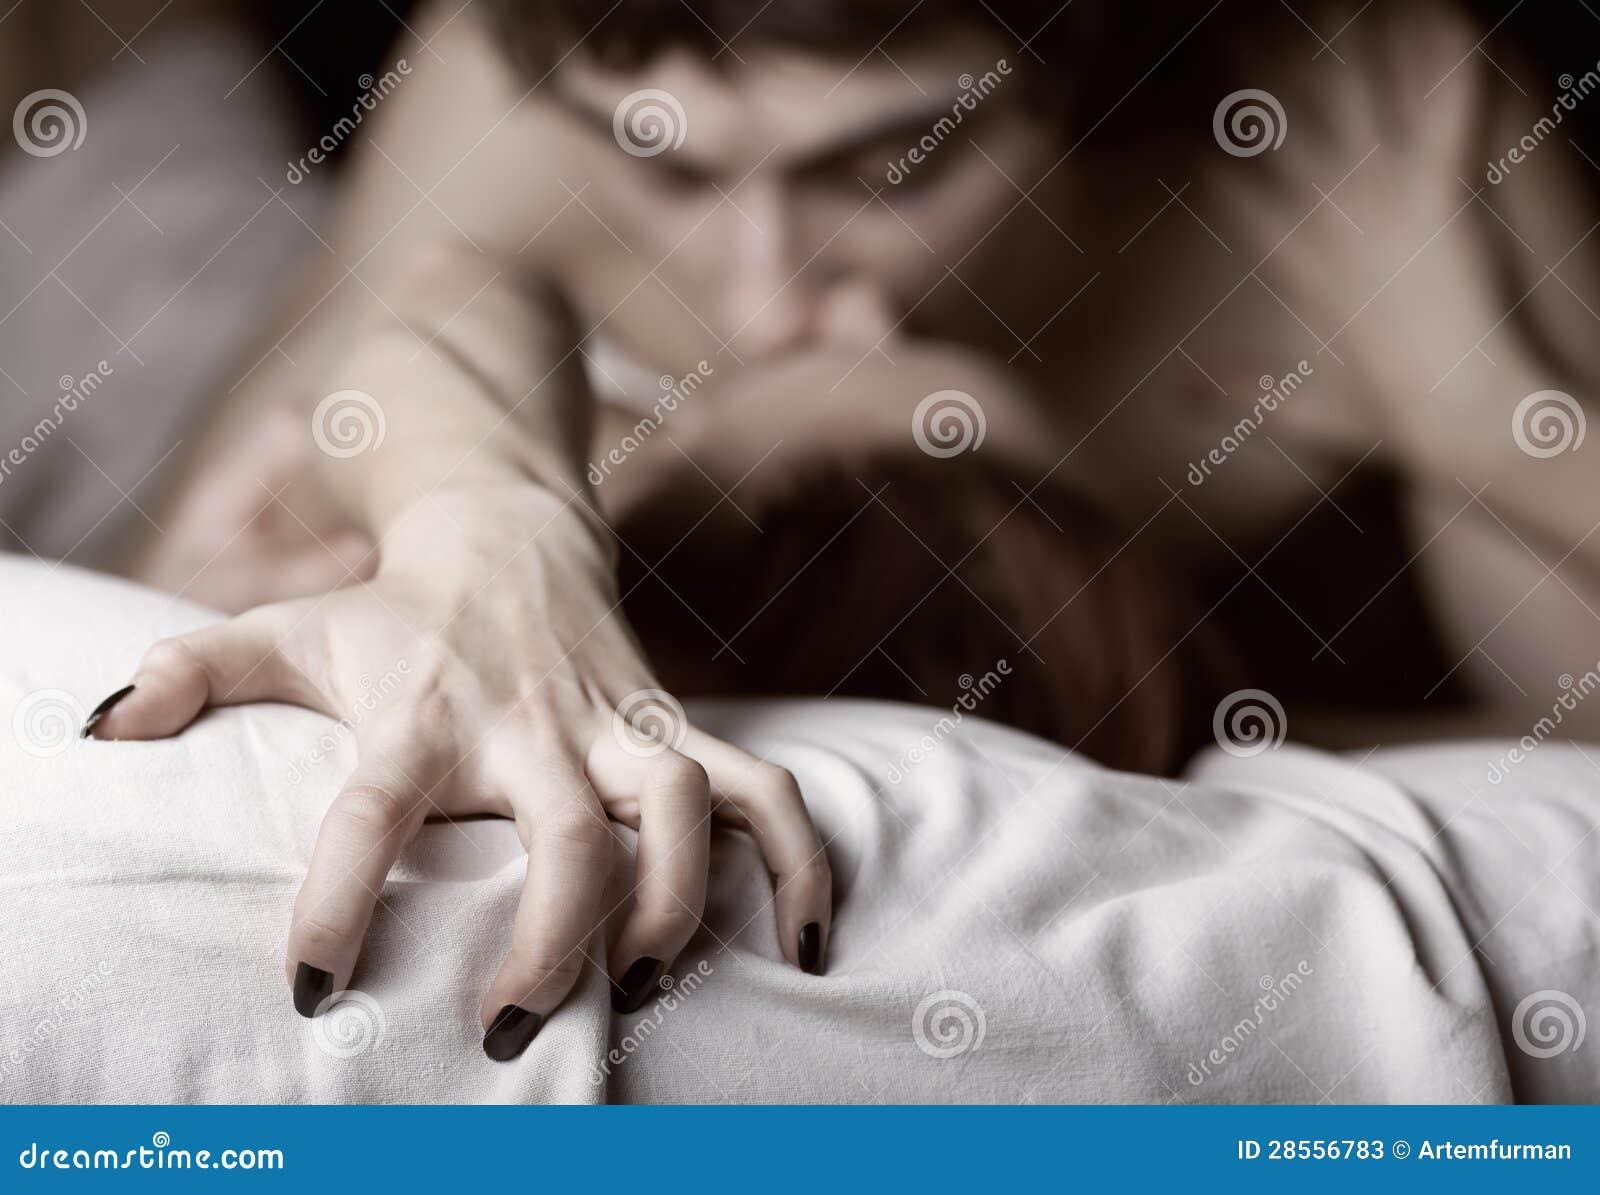 Страсть на кровати фото фото 156-44